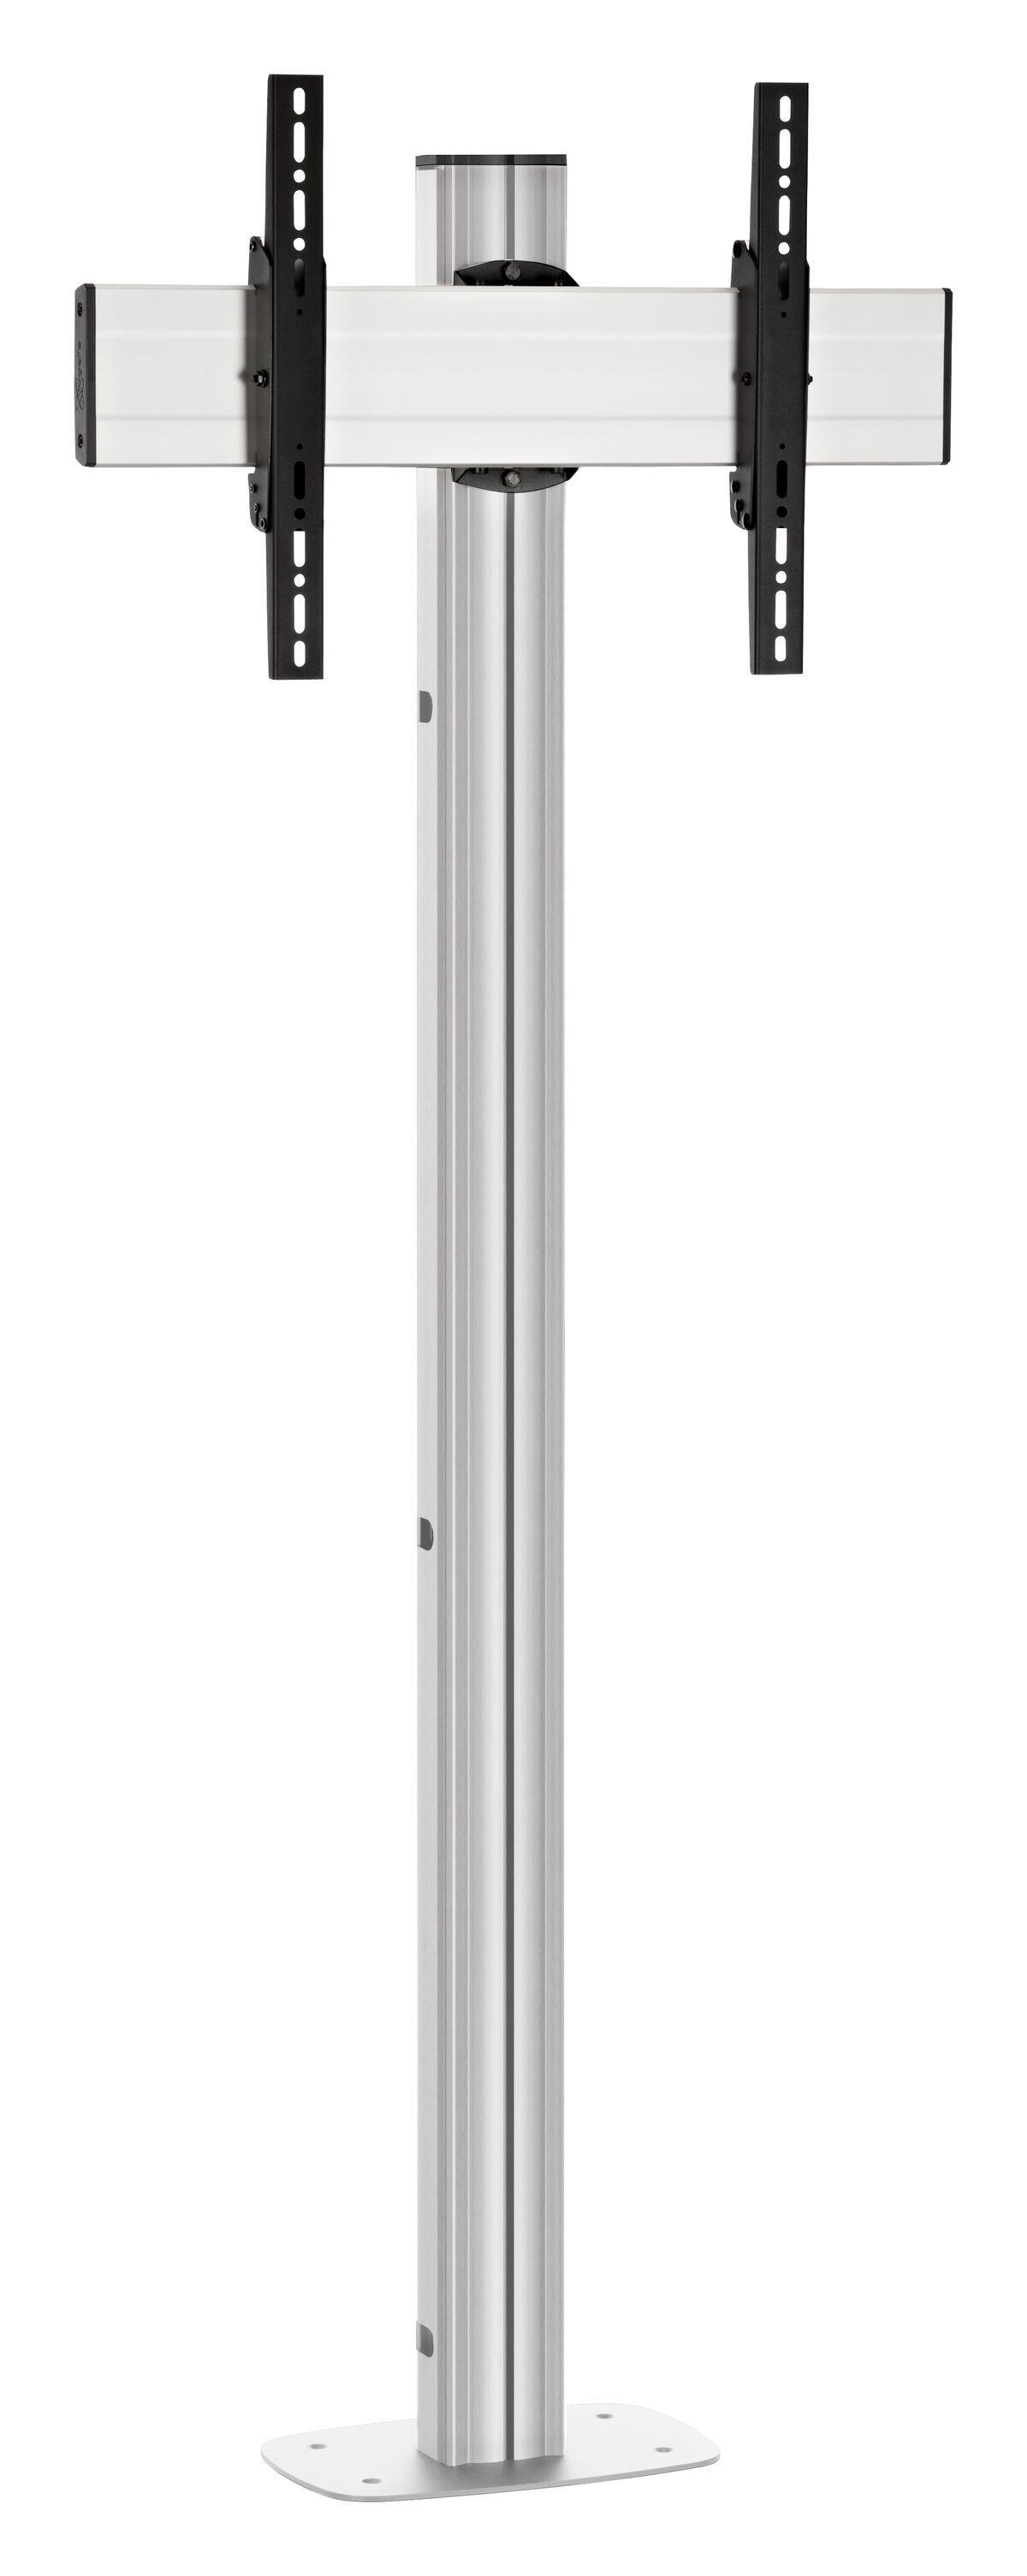 Vogel's FM1544S Standfuß, mit Boden verschraubt - Product